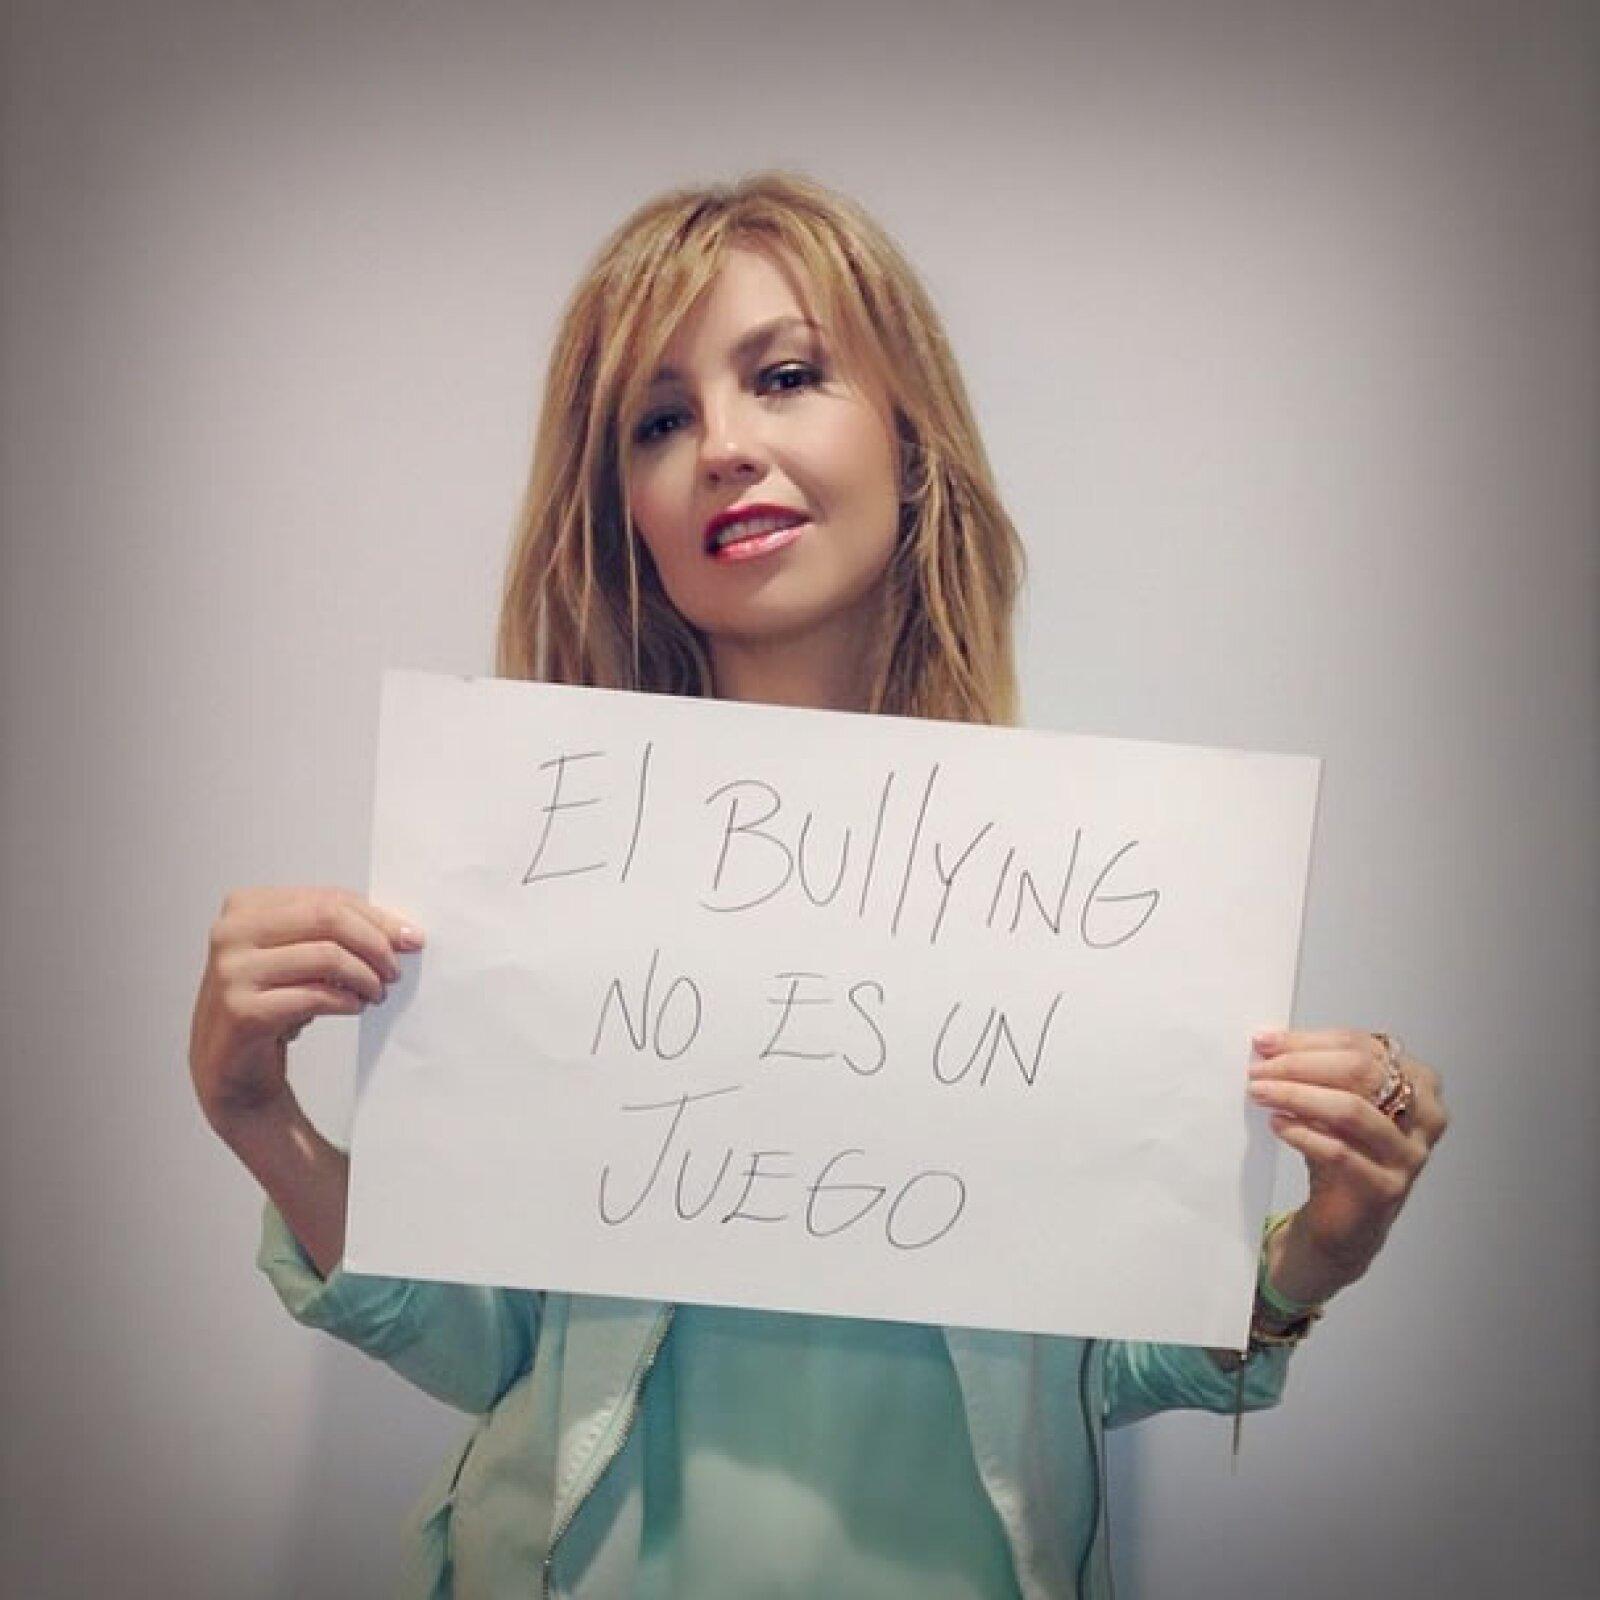 Thalía junto con Yolanda Andrade fueron las personalidades que más han apoyado la campaña, animando a otros famosos a unirse por la causa.